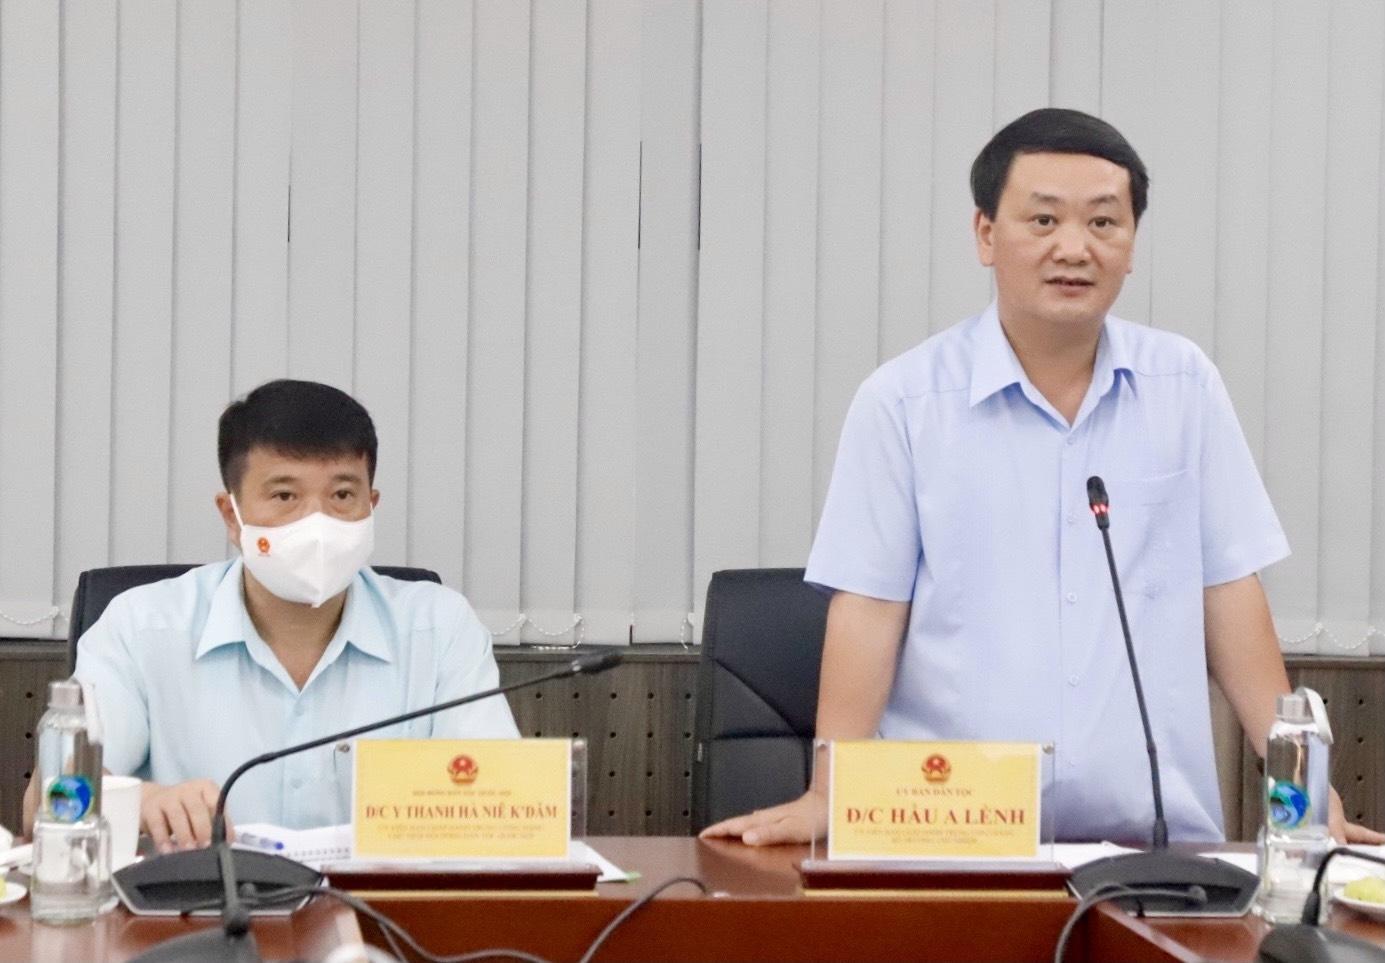 Bộ trưởng, Chủ nhiệm Ủy ban Dân tộc Hầu A Lềnh và Chủ tịch Hội đồng Dân tộc của Quốc hội Y Thanh Hà Niê Kđăm đồng chủ trì buổi làm việc